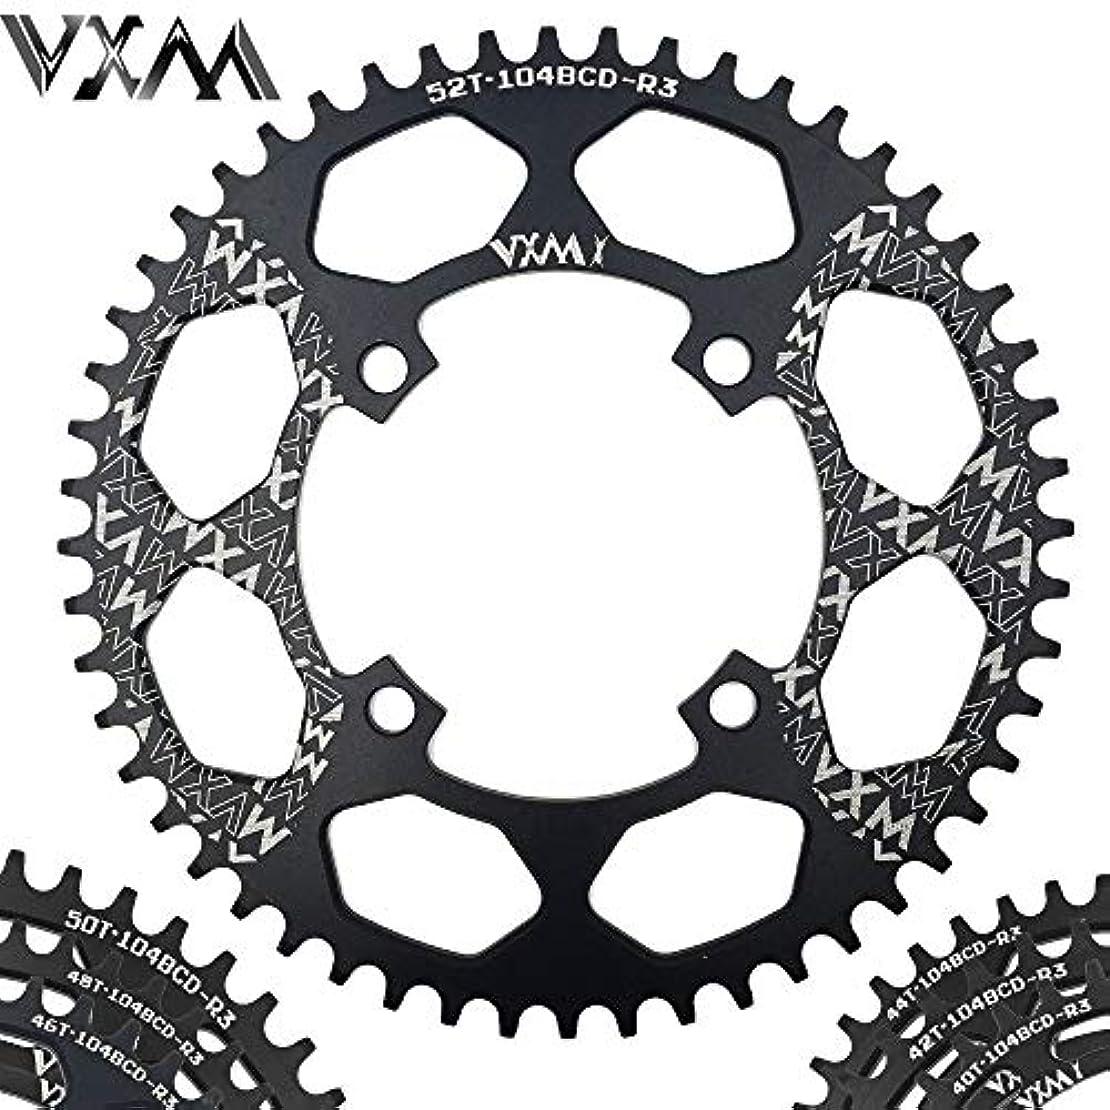 祖母以前は肉Propenary - Bicycle Aluminum Chainring 104BCD 40T 42T 44T 46T 48T 50T 52T Mountain Bicycle Chainwheel Bike Crankset Bicycle Parts [ 104BCD 44T ]